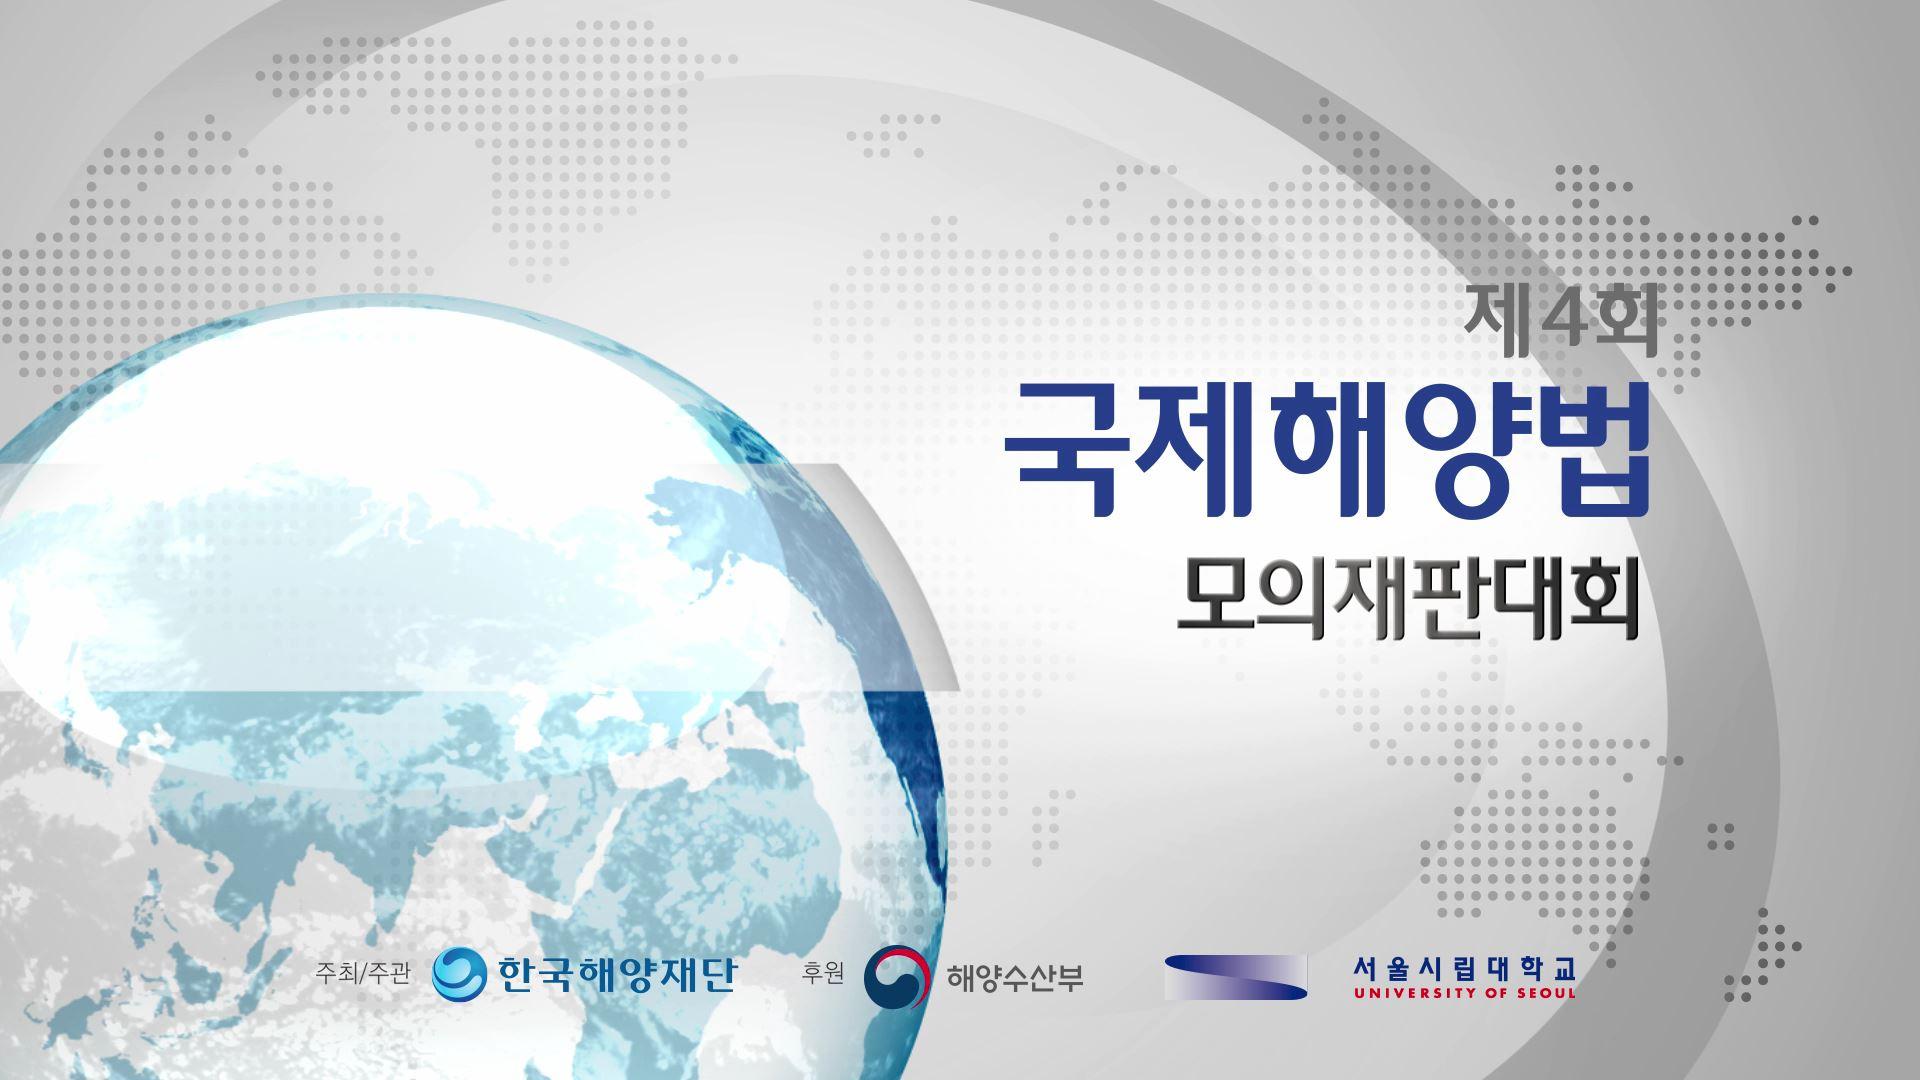 제4회 국제해양법 모의재판대회 스케치 영상